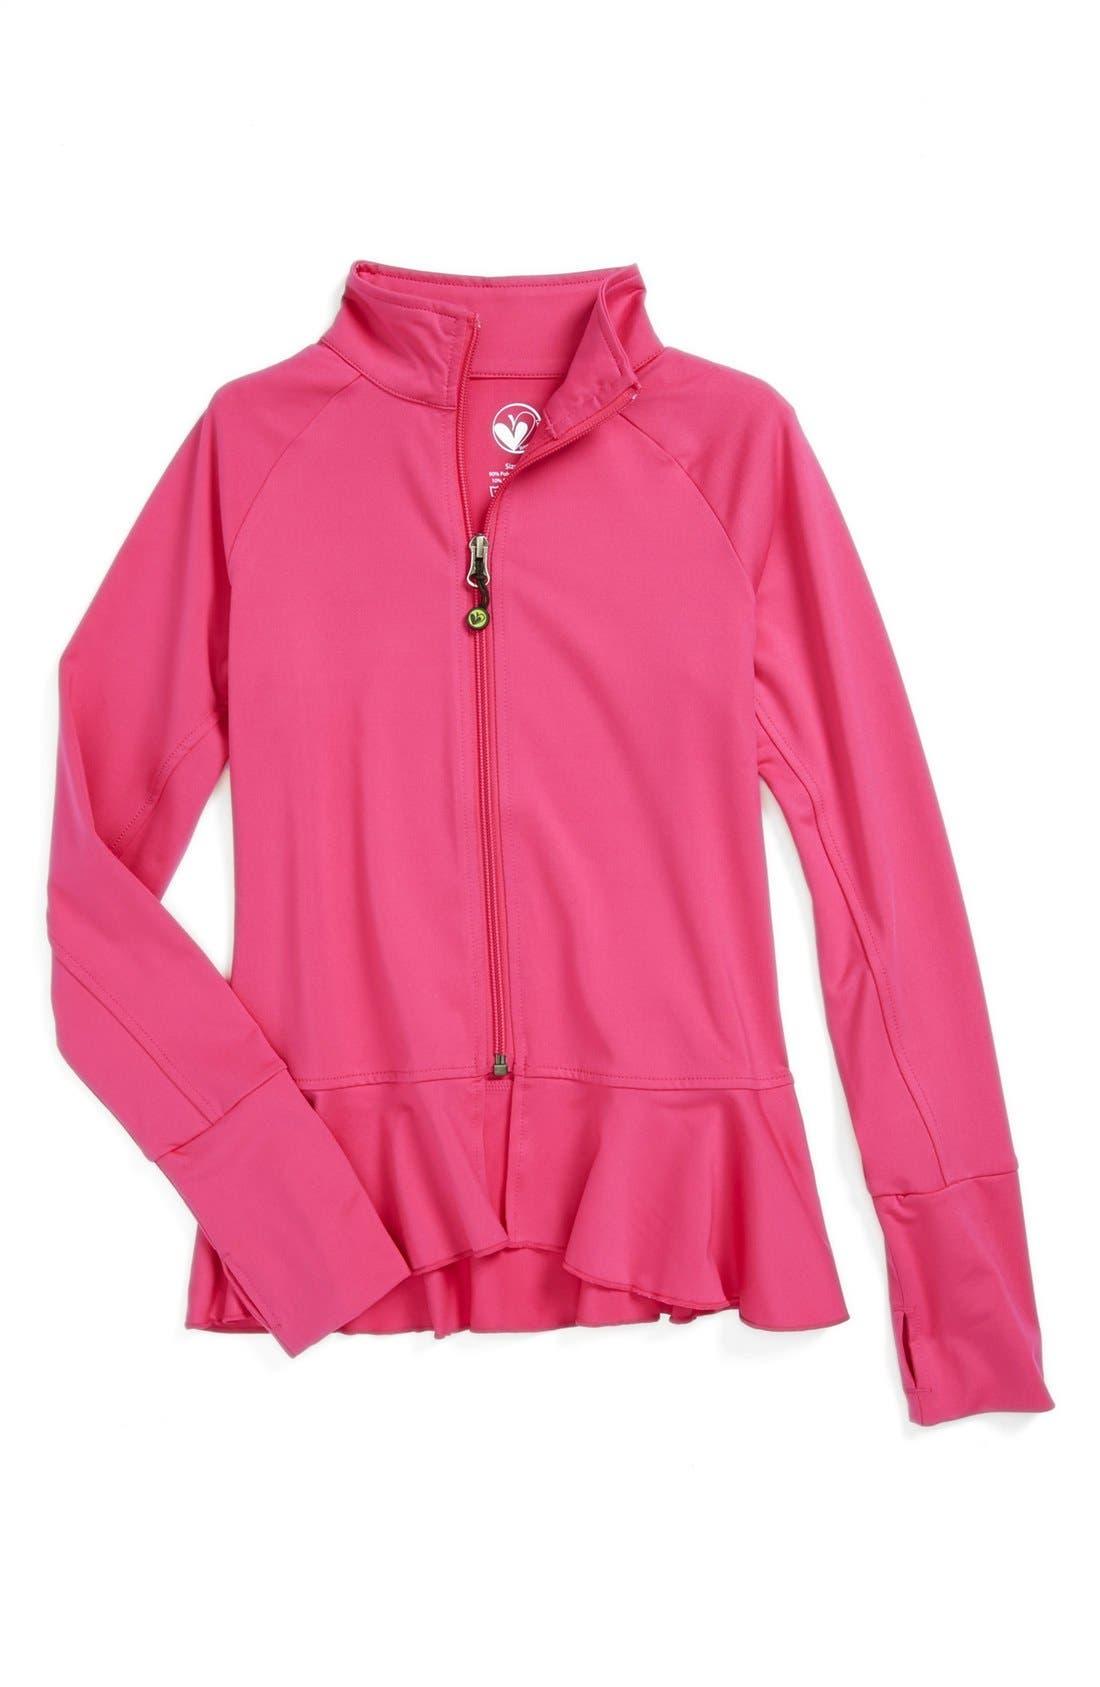 Alternate Image 1 Selected - Limeapple Ruffled Jacket (Big Girls)